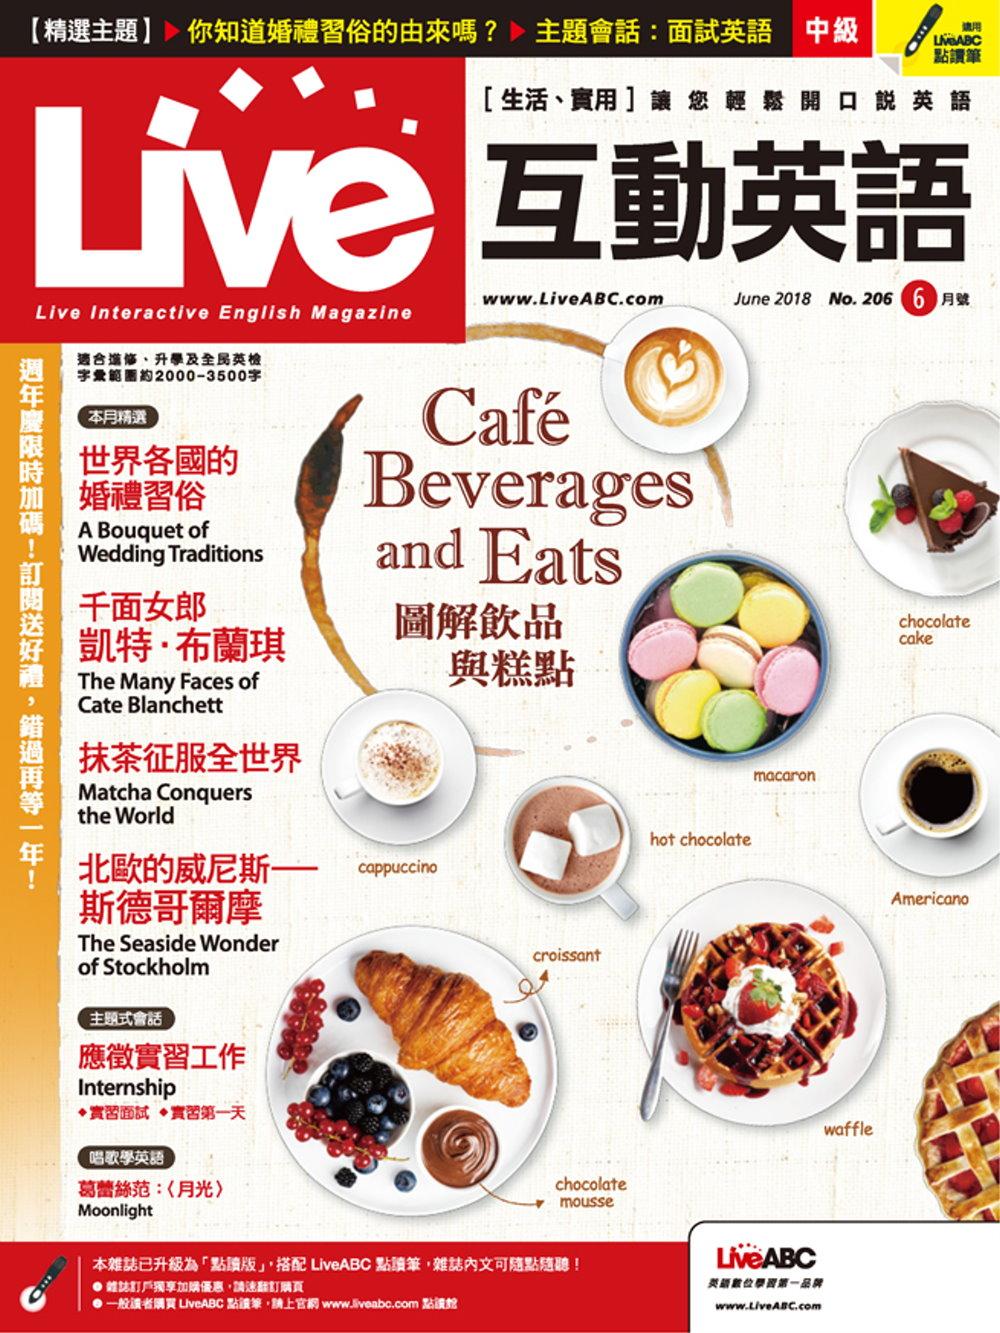 Live互動英語(課文朗讀版)一年12期 +2期